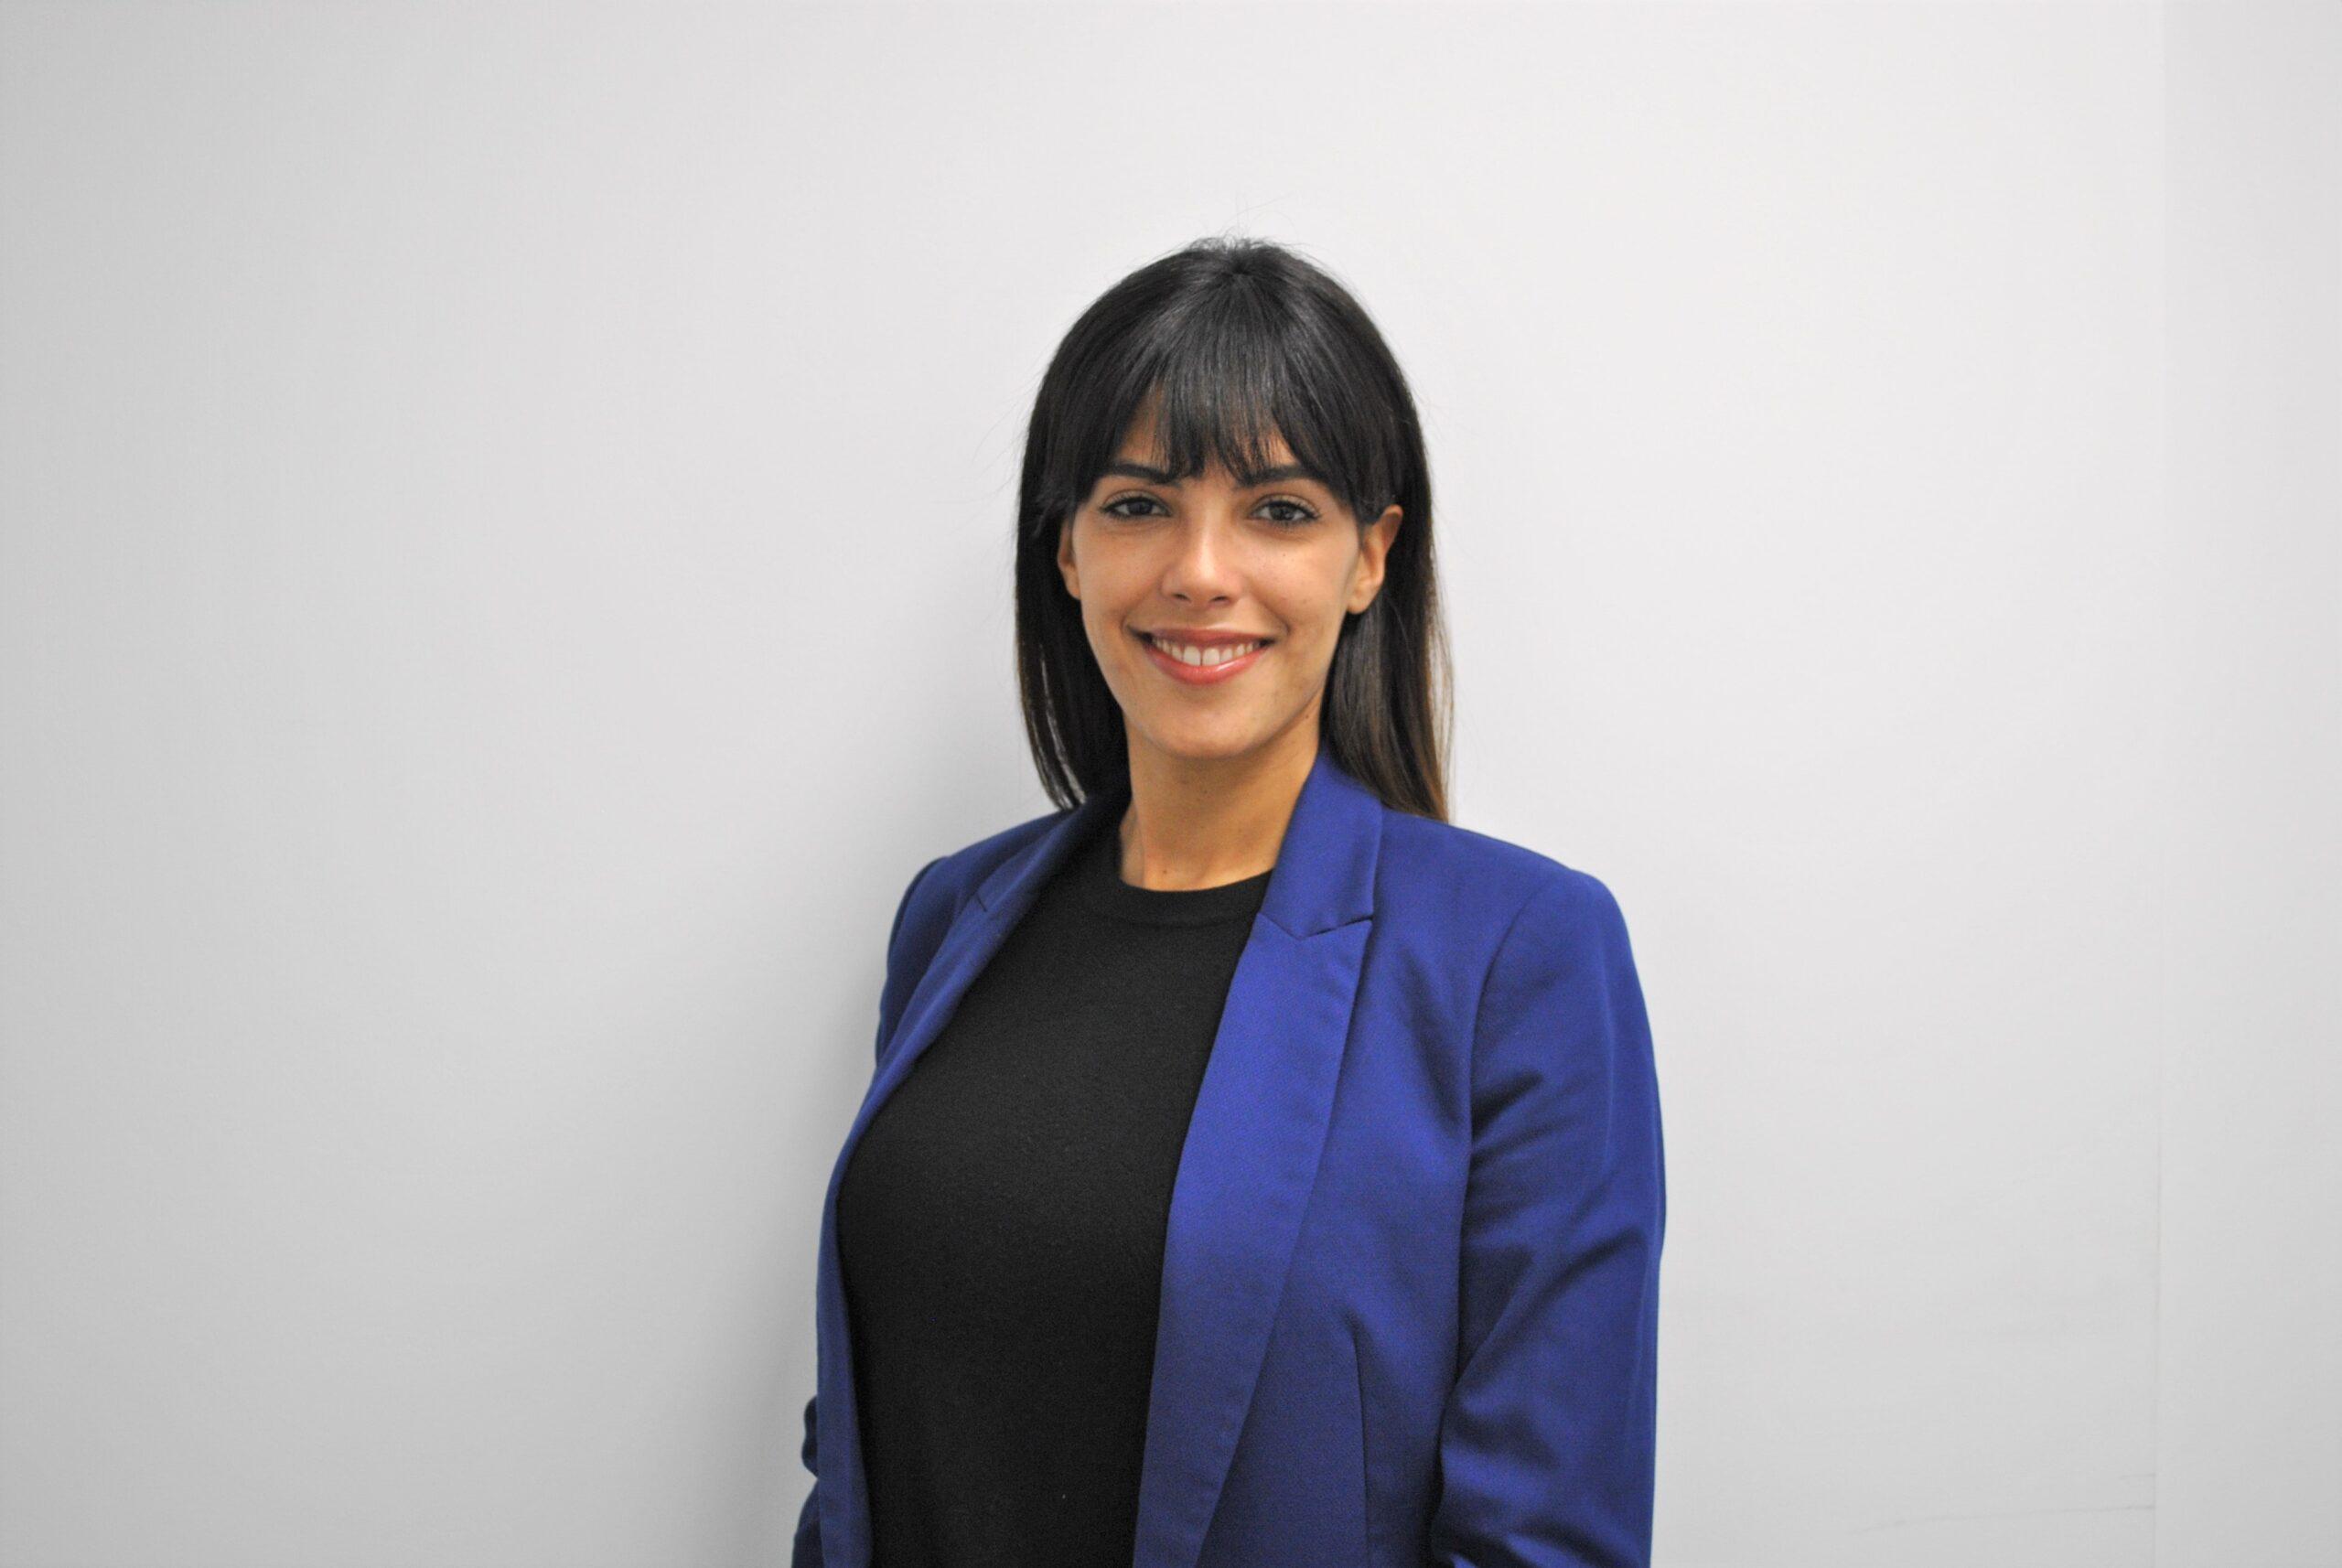 Marlenne Martínez